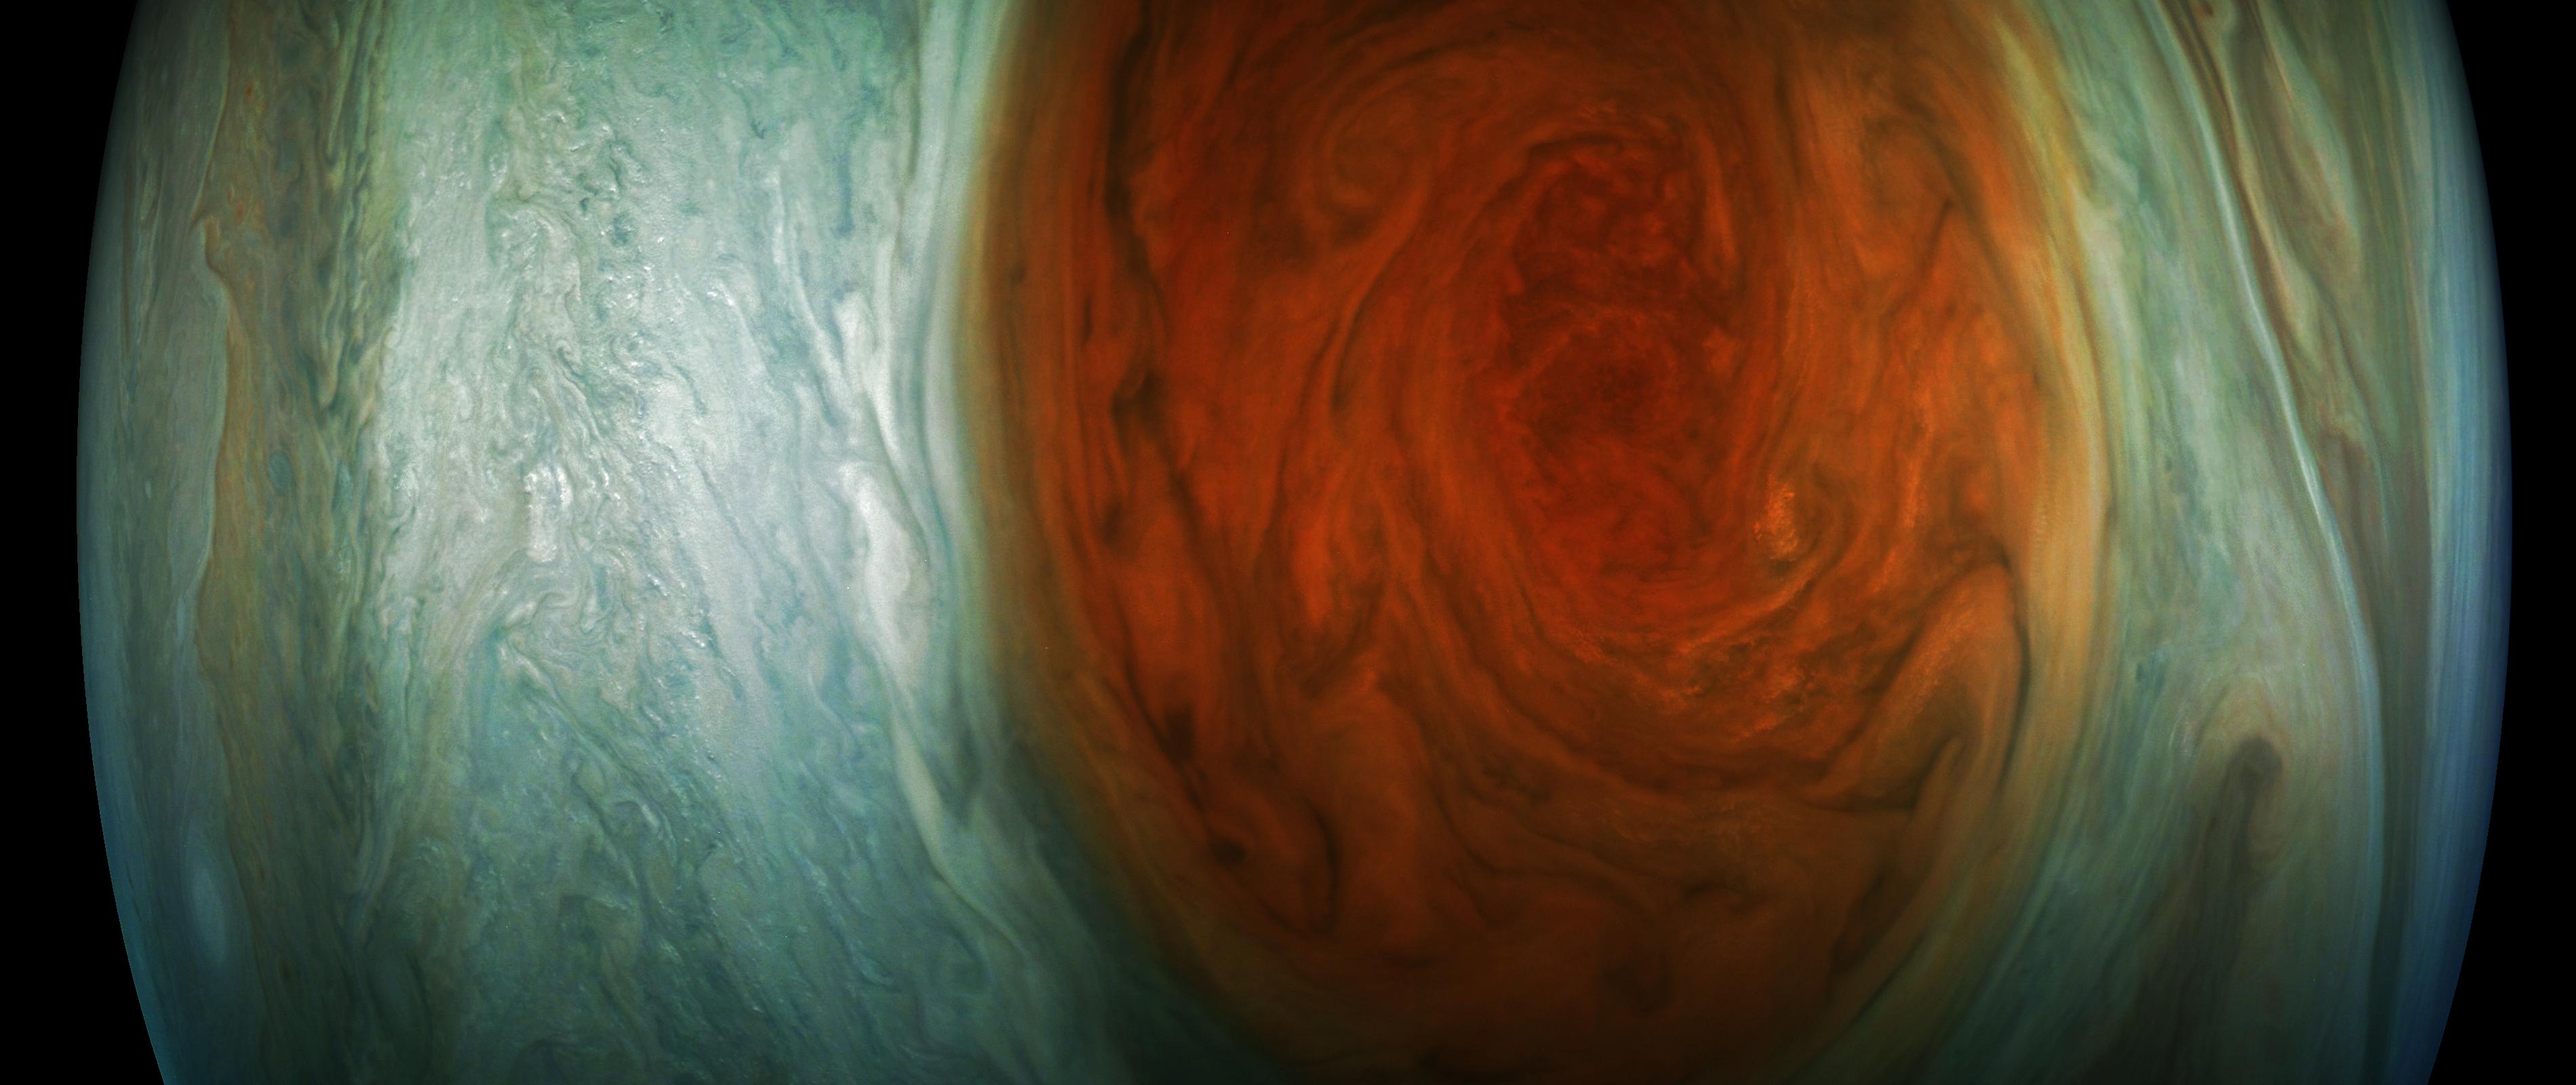 This enhanced photo was sent in by citizen scientist Gerald Eichstädt